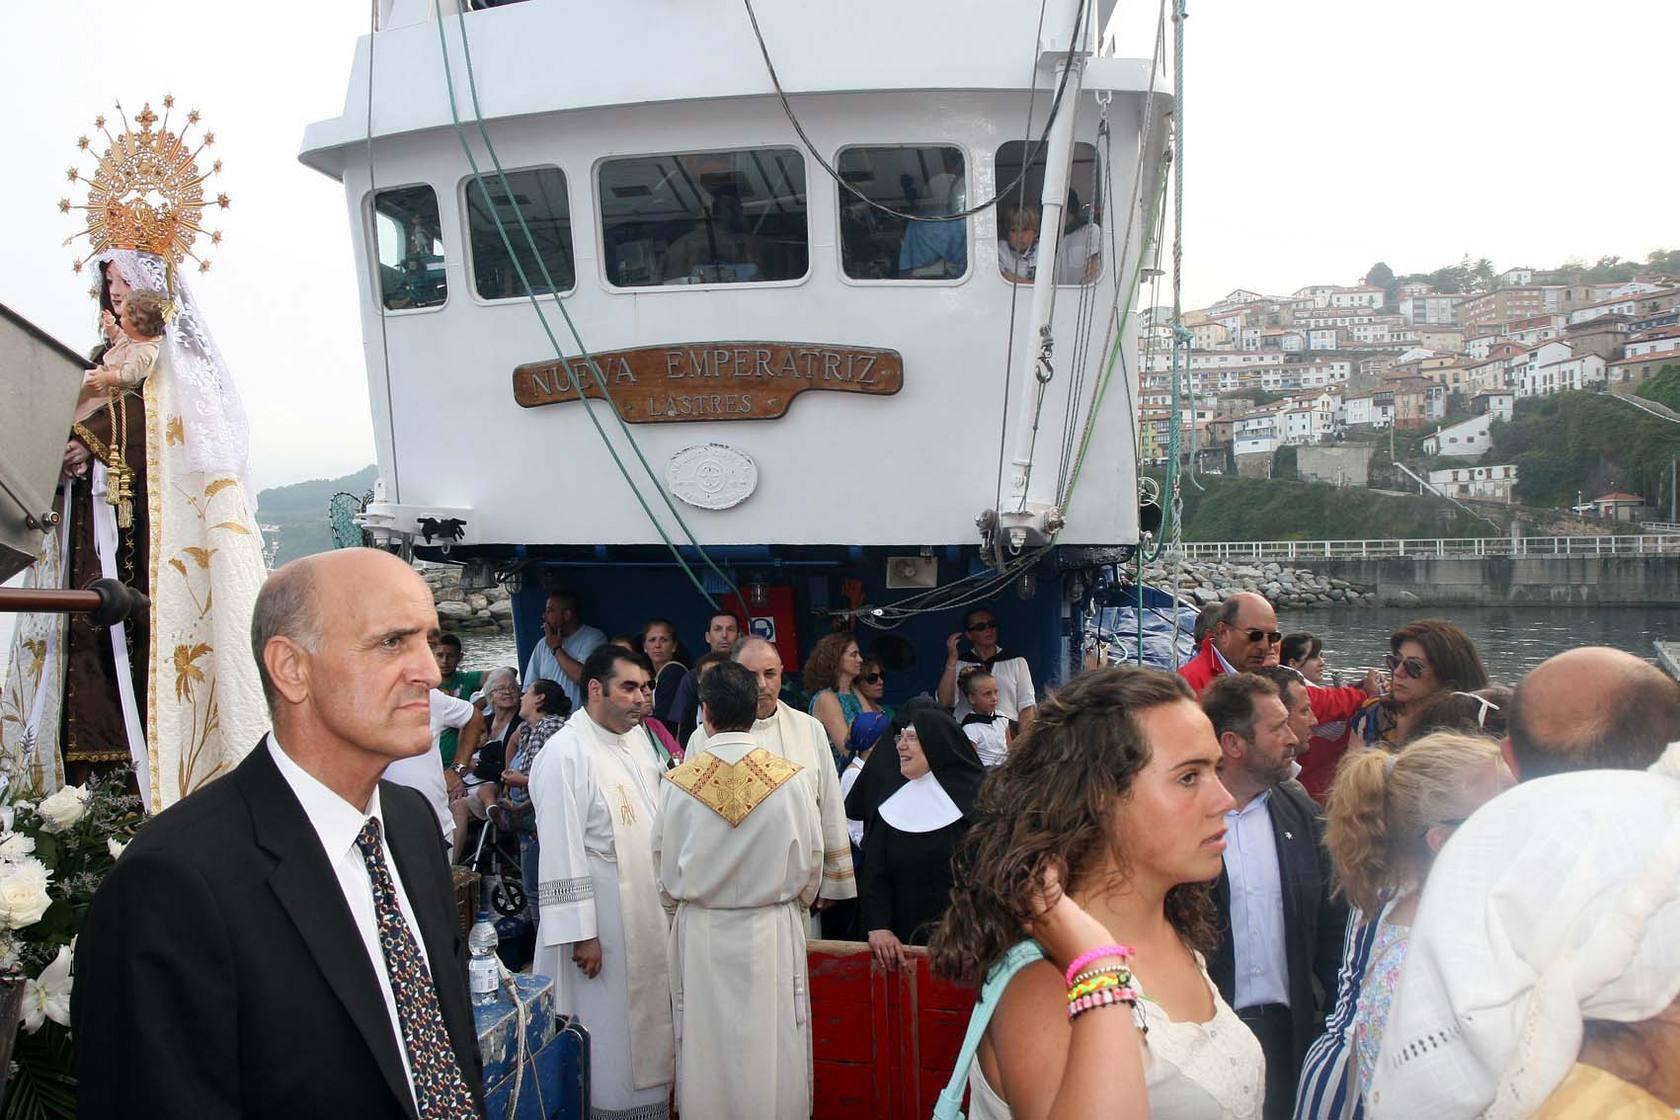 Las imágenes de la procesión de la virgen del Carmen en Lastres